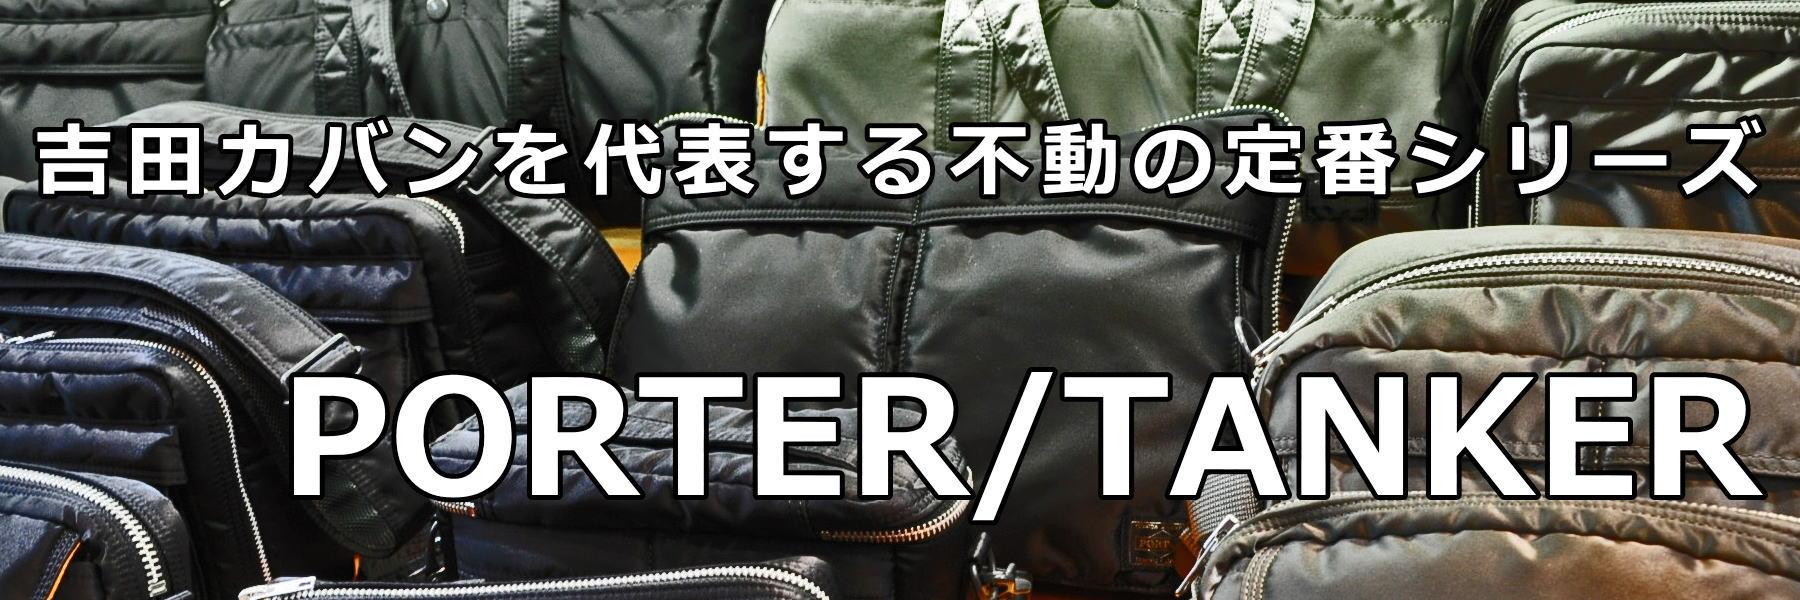 ポーター/タンカー